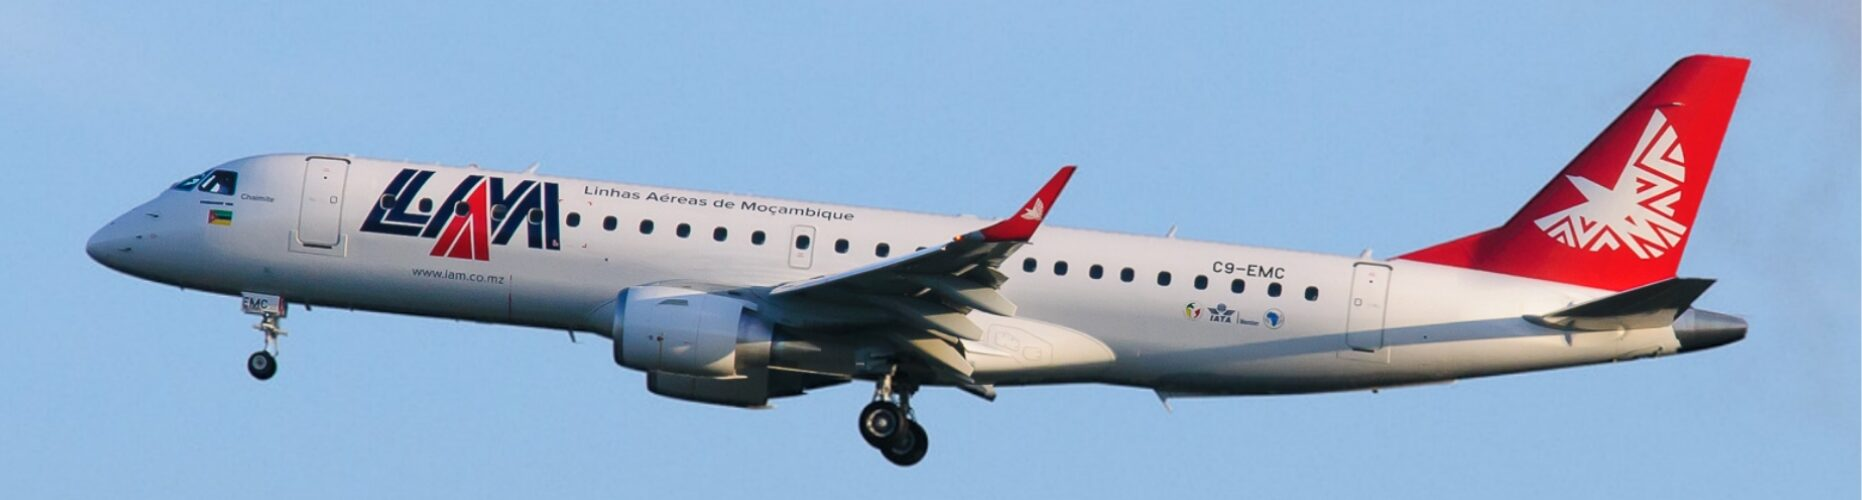 LAM Mozambique Airlines გაყიდის თავის Embraer თვითმფრინავს ხარჯების შემცირებით